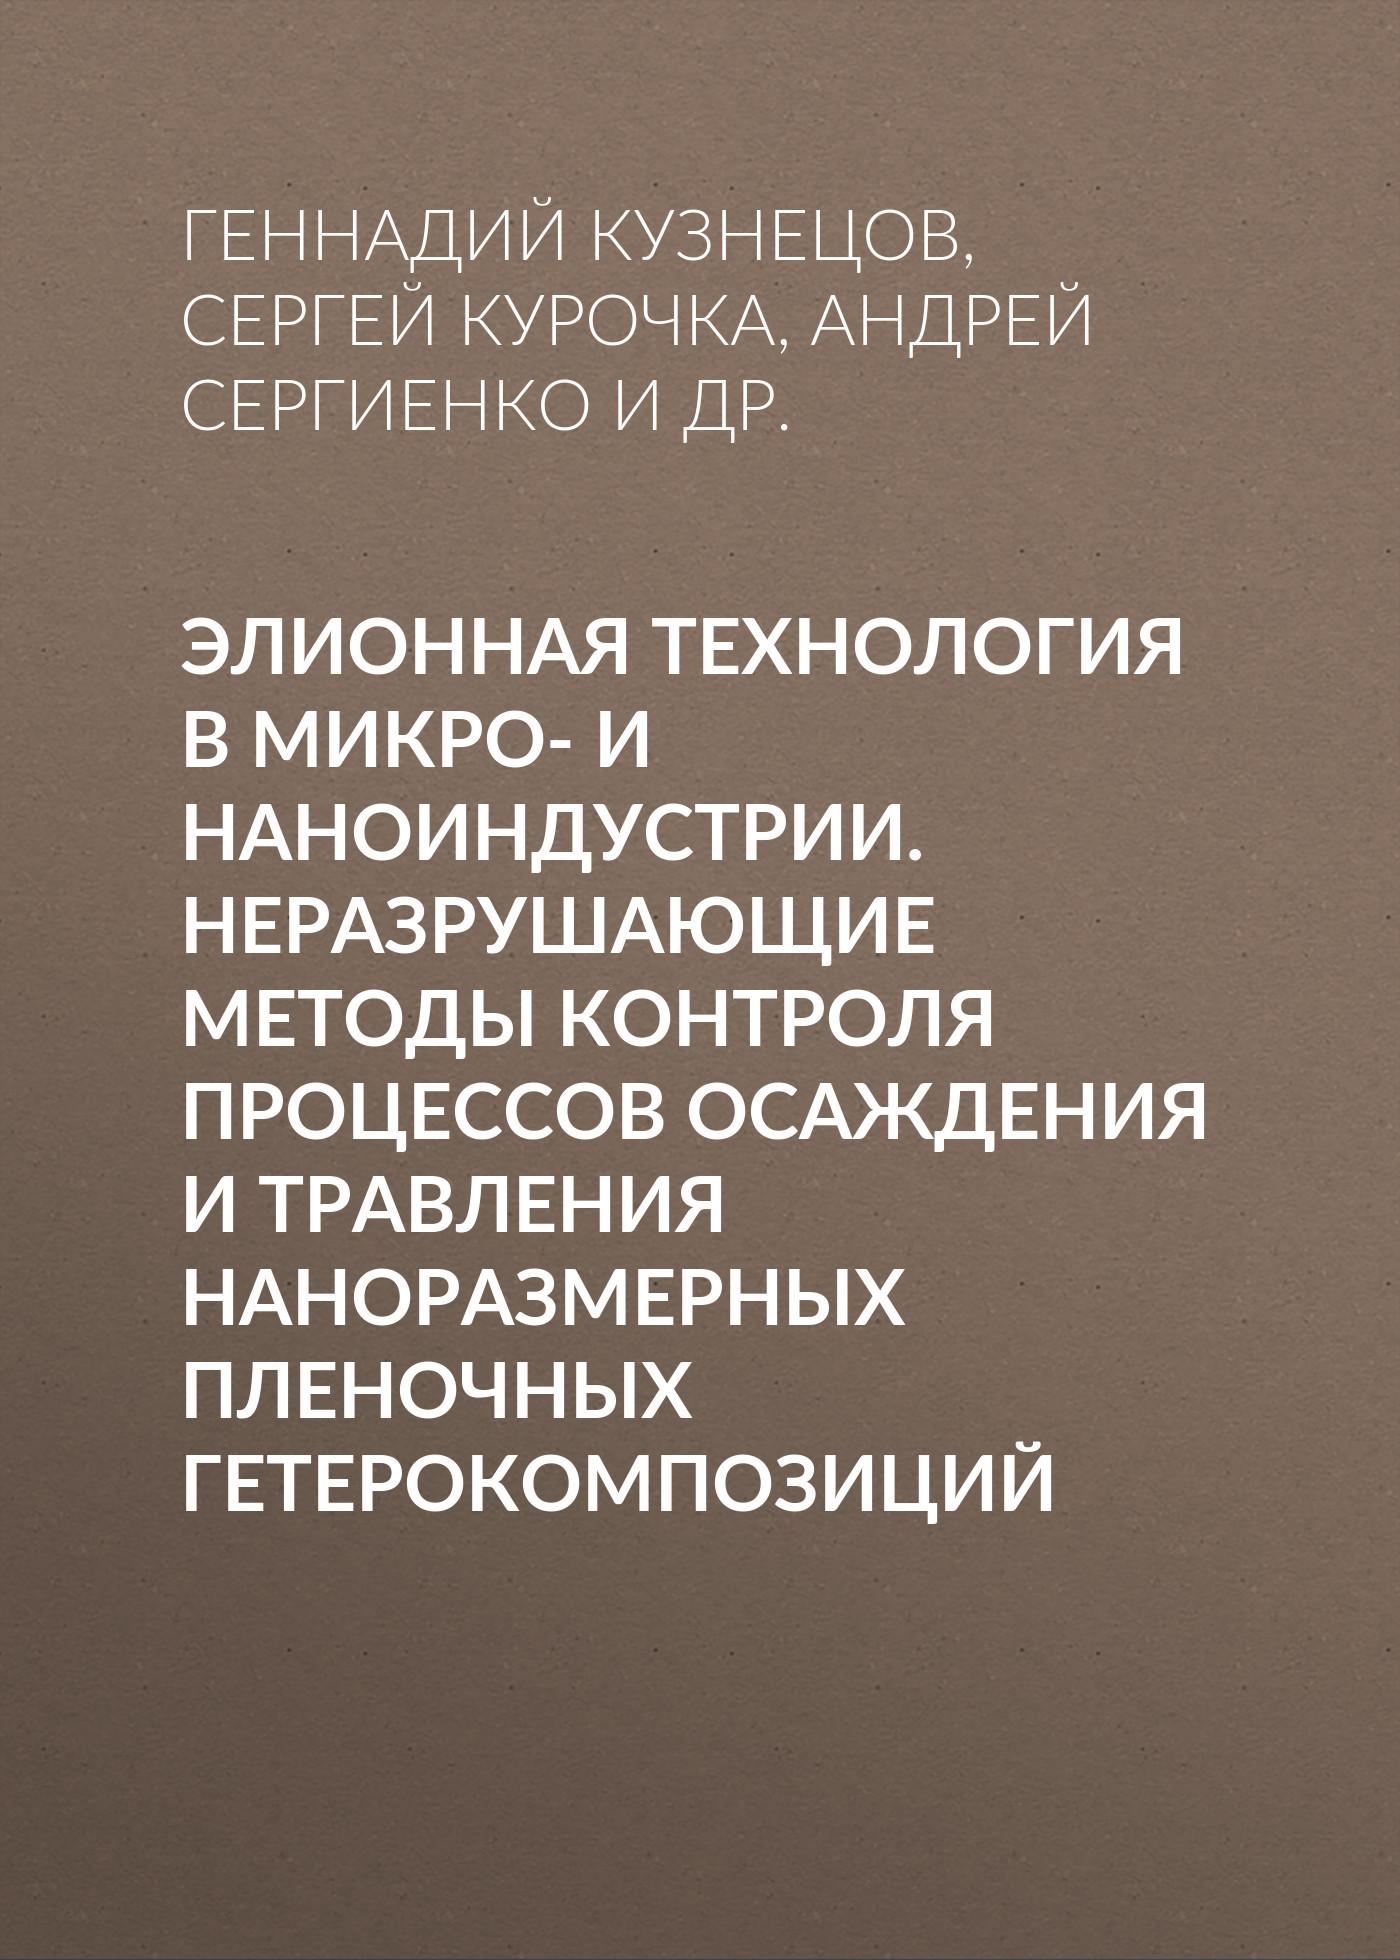 Геннадий Кузнецов Элионная технология в микро- и наноиндустрии. Неразрушающие методы контроля процессов осаждения и травления наноразмерных пленочных гетерокомпозиций